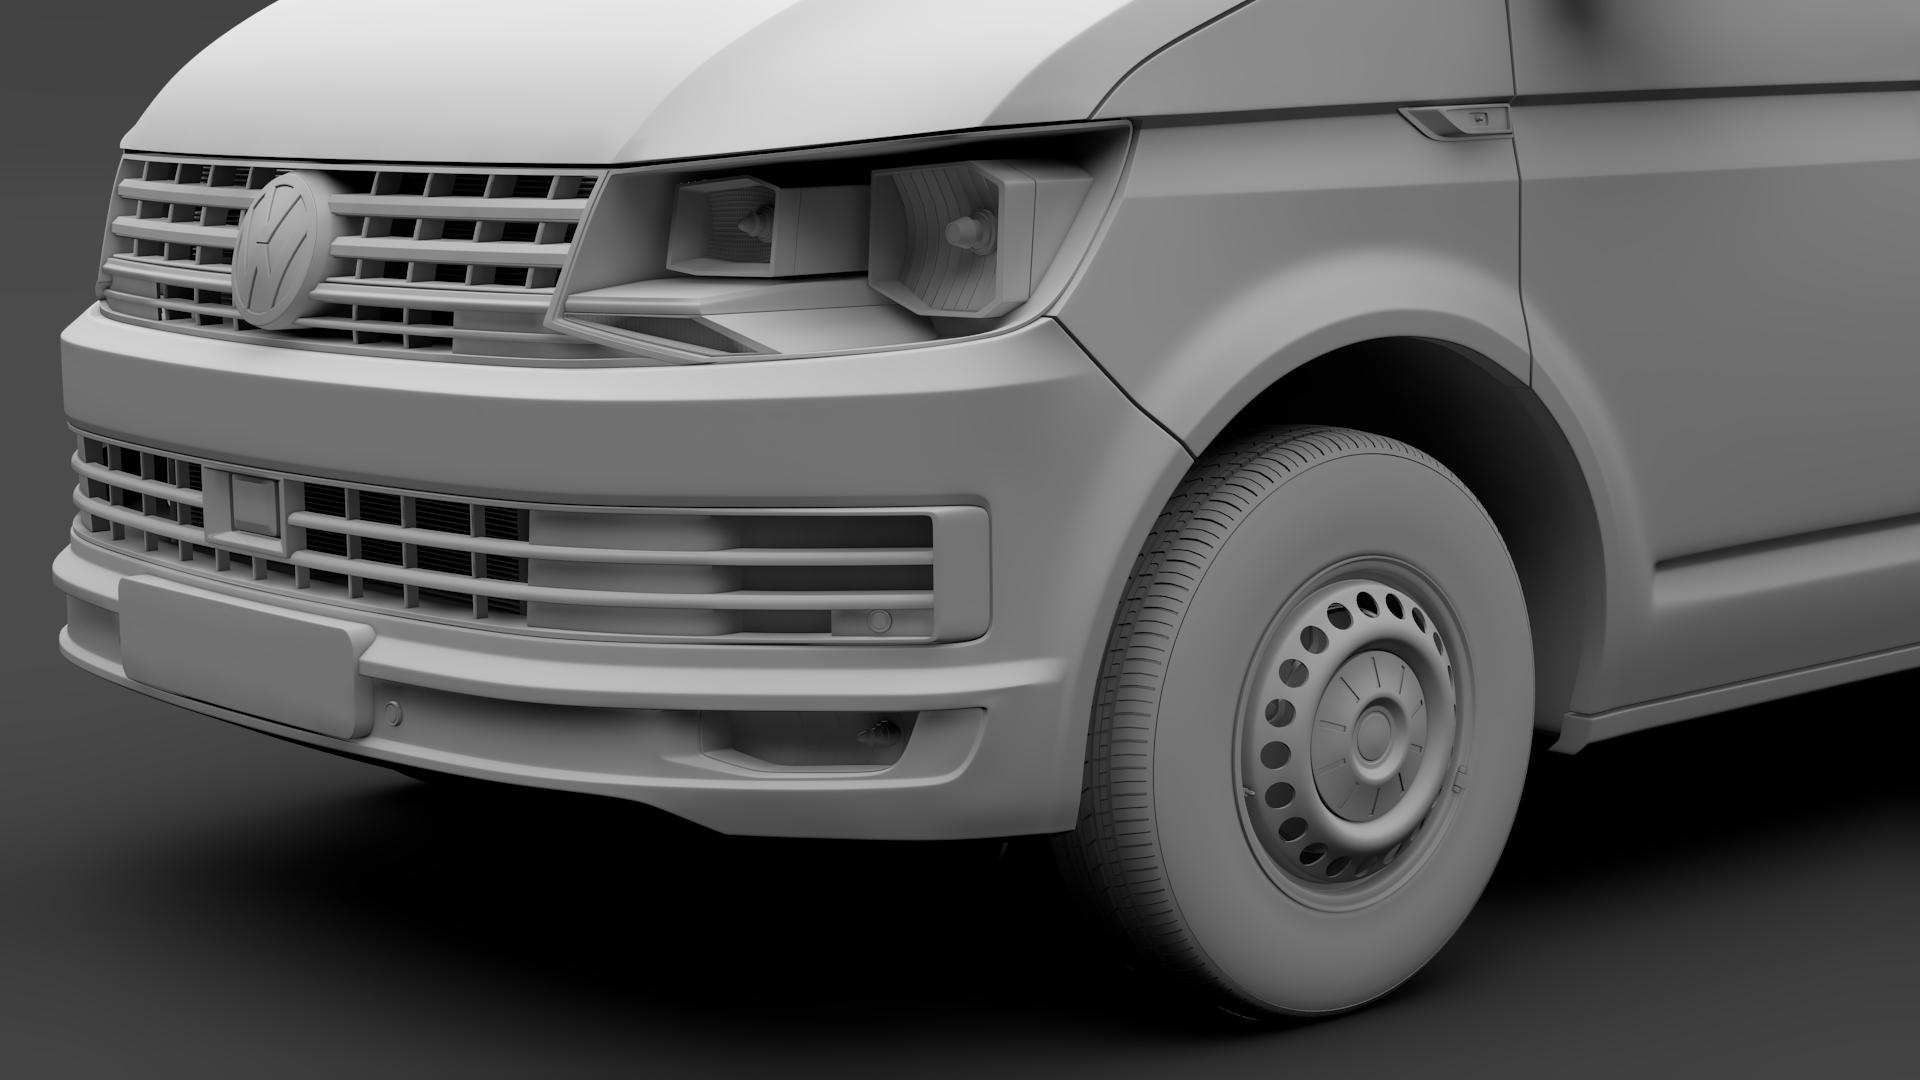 volkswagen nəqliyyat vasitəsi van l2h1 t6 2017 3d model max fbx c4d lwo ma mb hrc xsi obj 275245